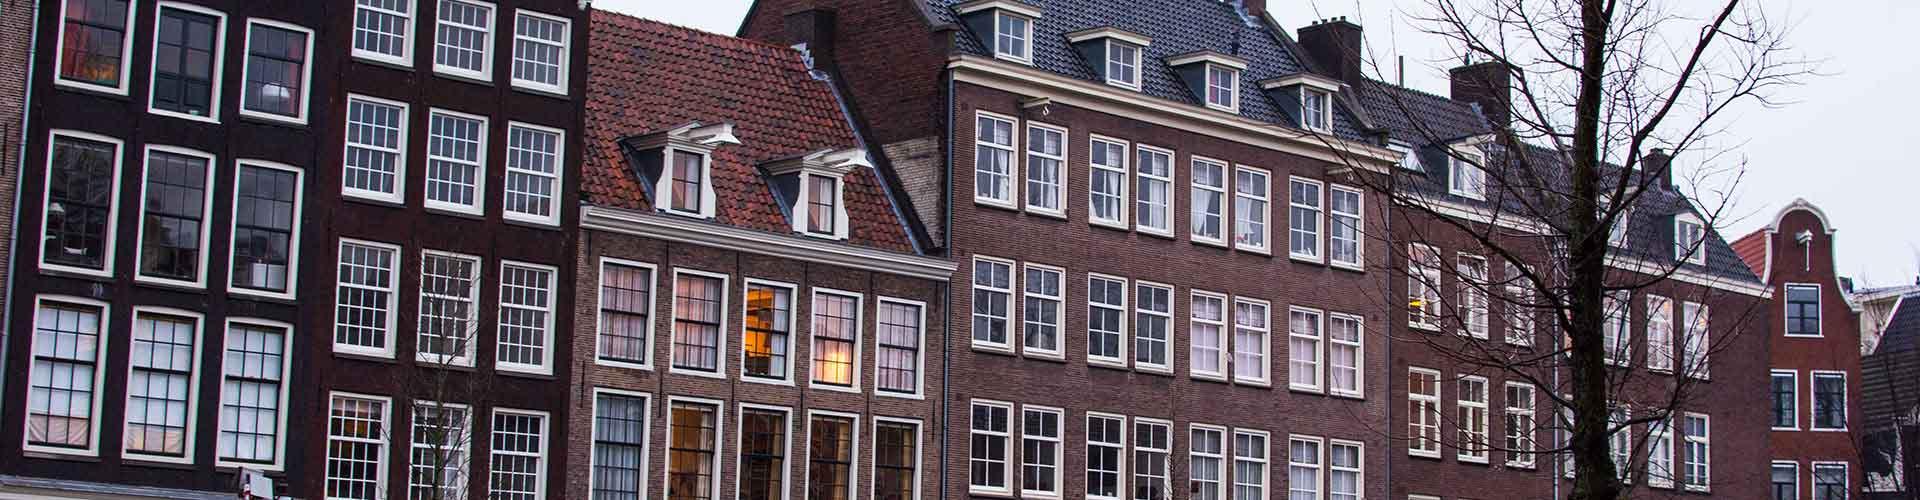 Amsterdam U2013 Hostels In Der Nähe Von Anne Frank Haus. Amsterdam Auf Der  Karte. Fotos Und Bewertungen Für Jedes Hostel In Amsterdam.